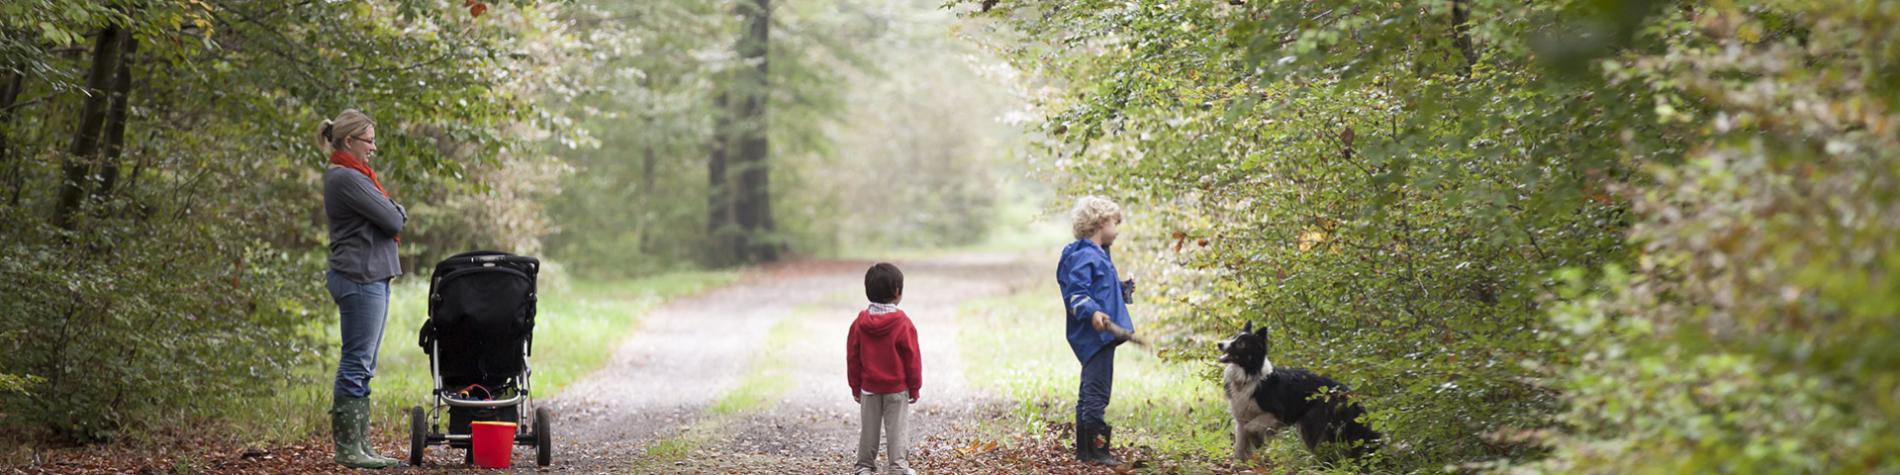 Parc Naturel - Haute-Sûre - Forêt d'Anlier - Province de Luxembourg - balade - champignons